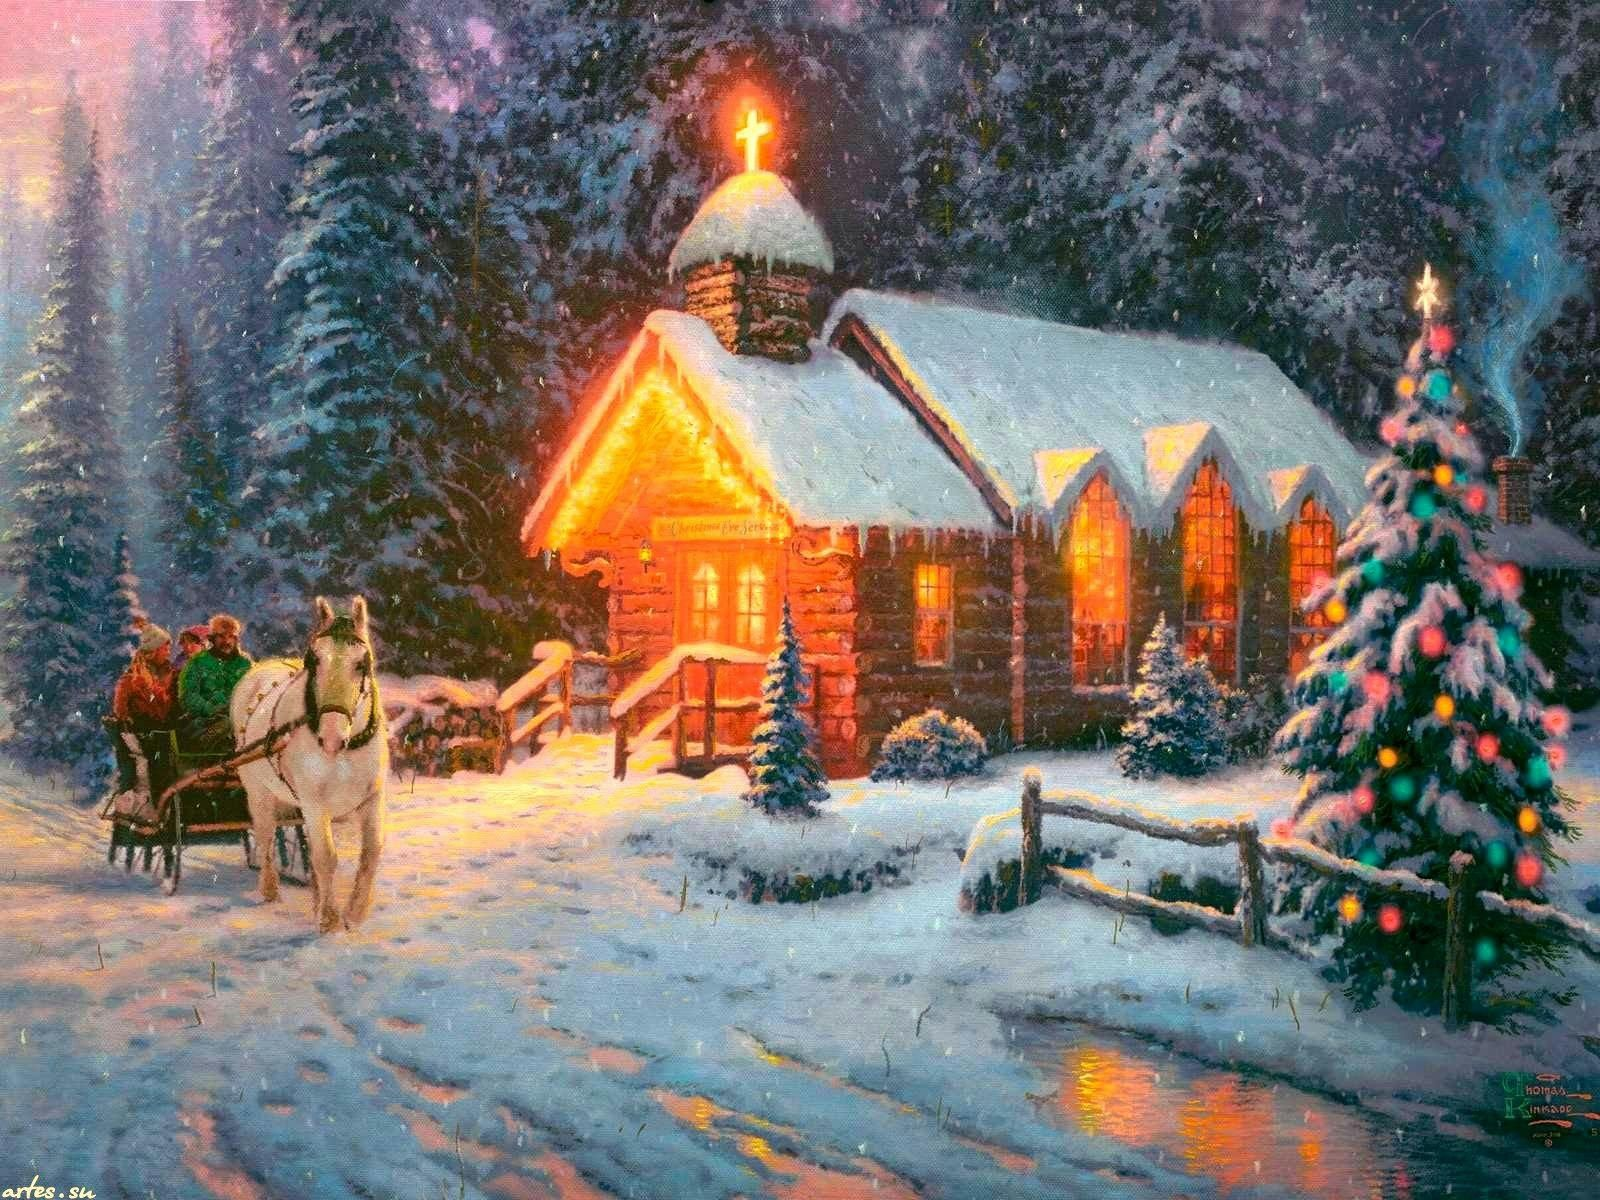 Бабок картинки, картинки к рождеству